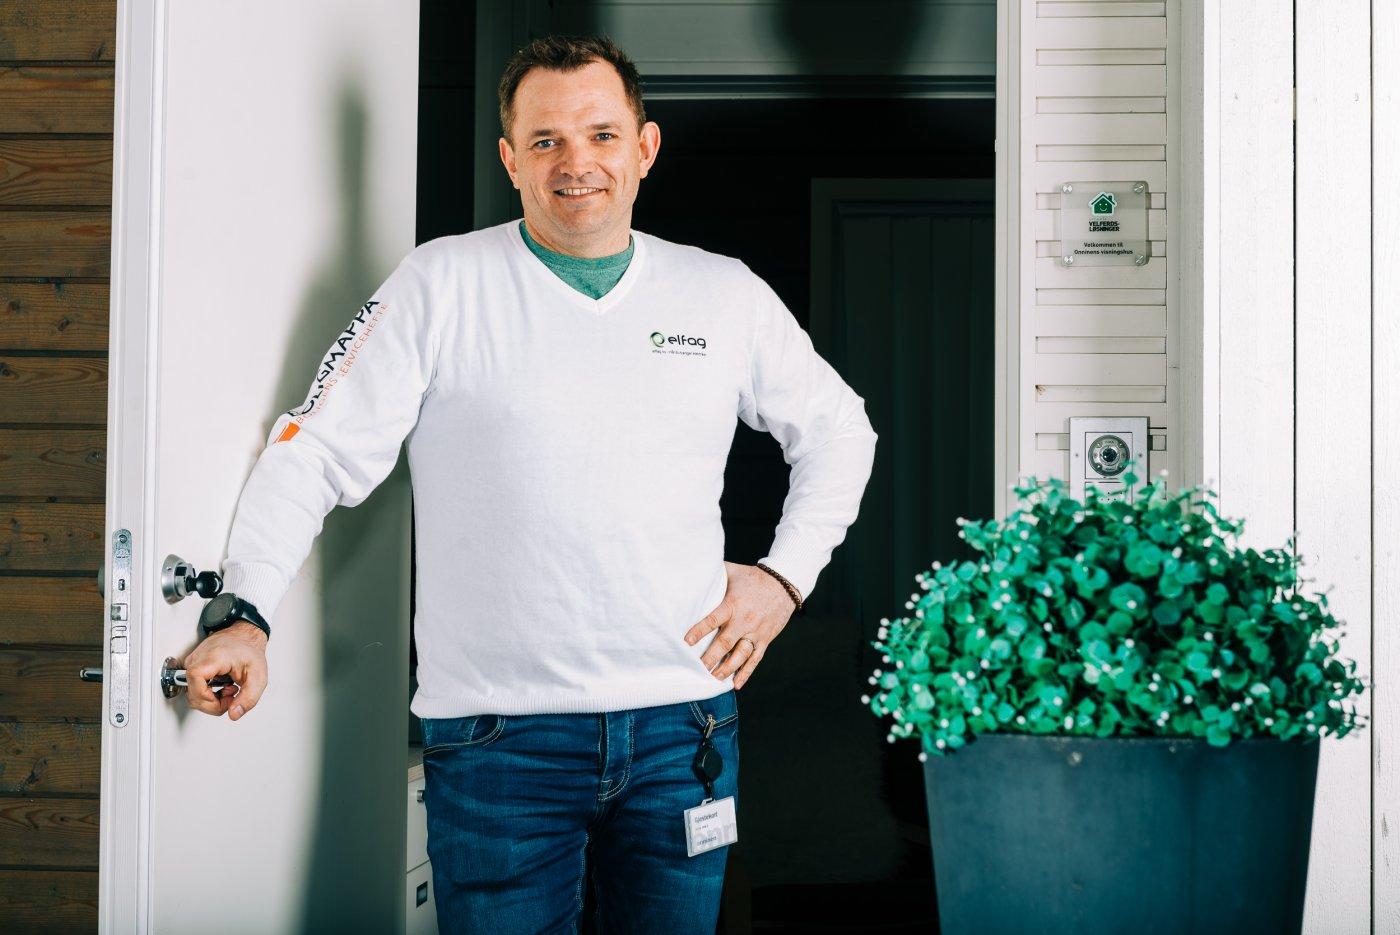 Bilde av Bernt Christian Mikkelsen i døråpningen til et smarthus